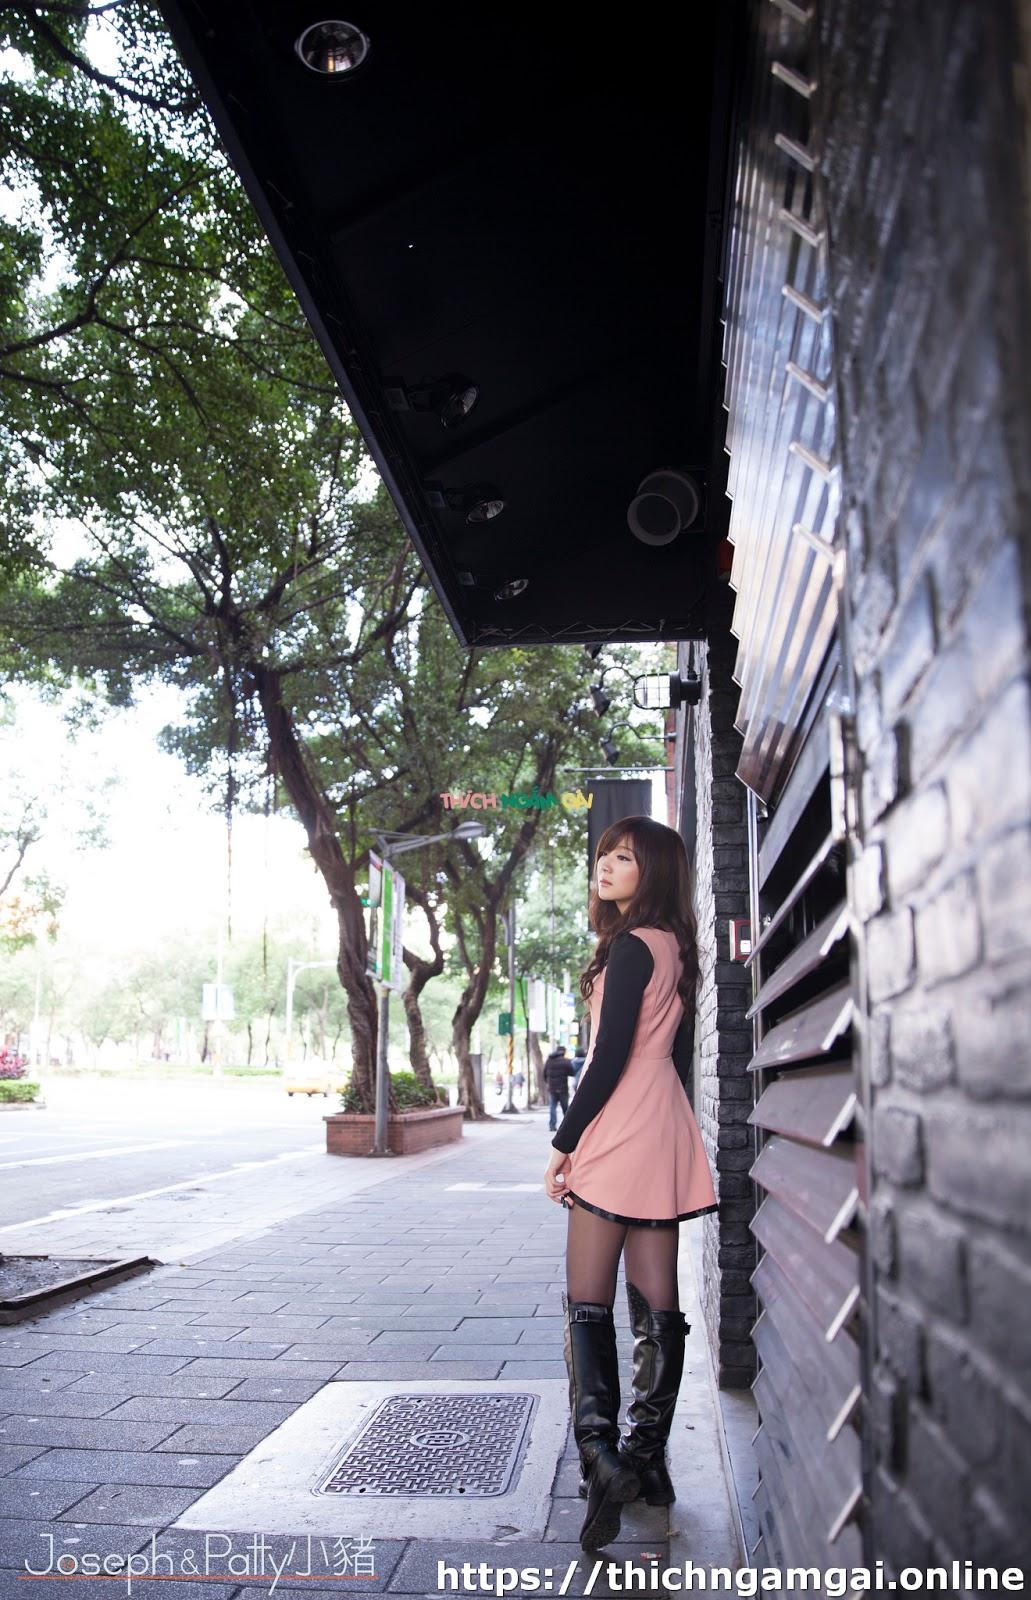 Thích Ngắm Gái 305.%2B_MG_9947%2B%2528Large%2B2048%2529 Tuyển Tập Girls Xinh Việt Nam (Phần 70)